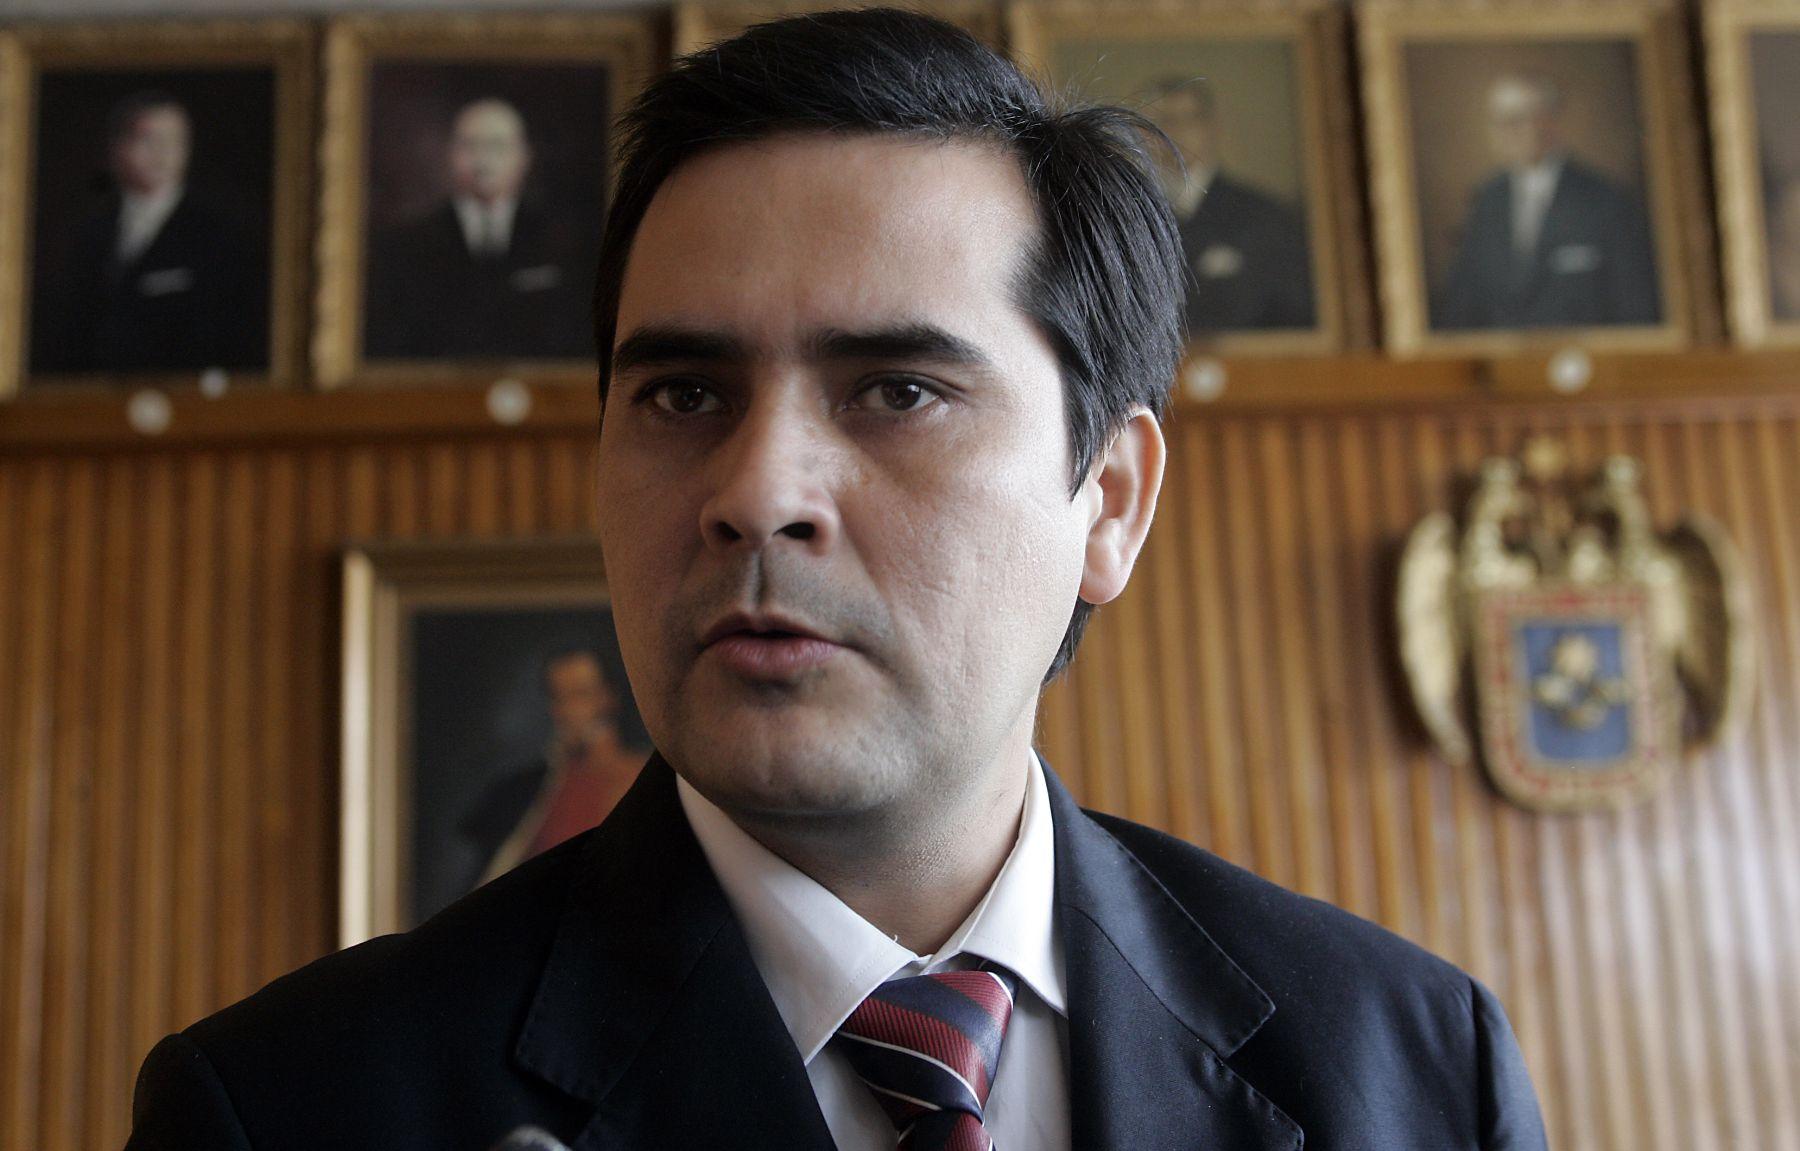 Unodc: 17 candidatos ligados al narcotráfico fueron elegidos en últimos comicios | Noticias | Agencia Peruana de Noticias Andina